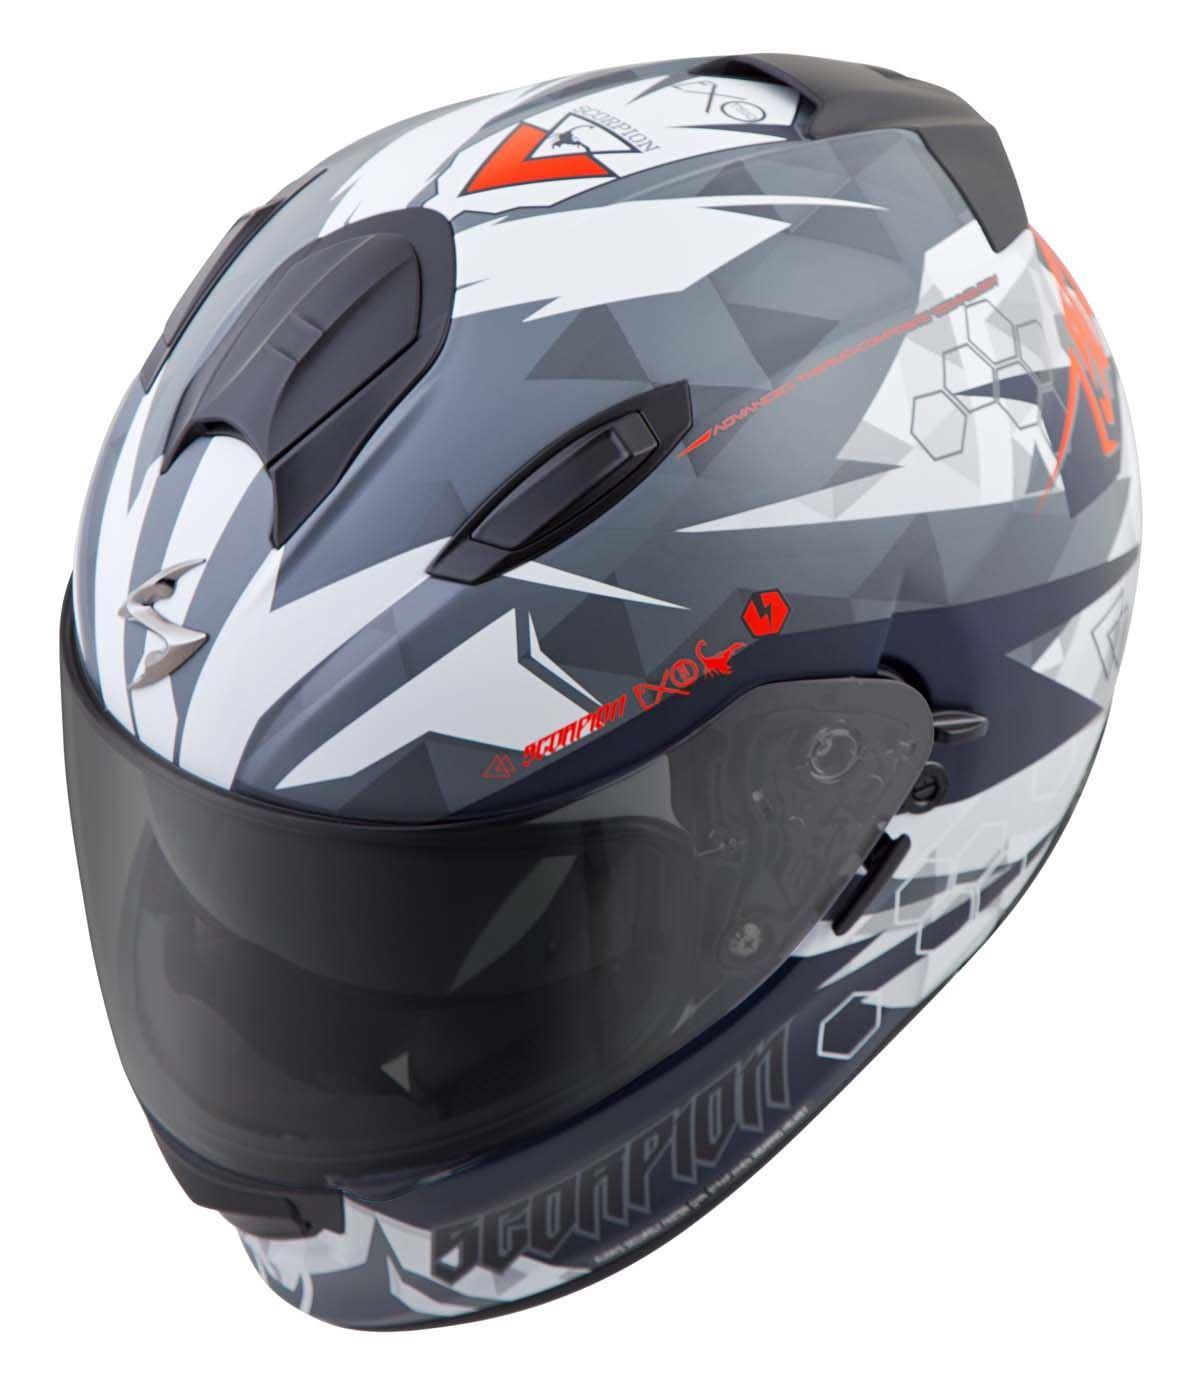 Scorpion-EXO-T510-Helmet-Full-Face-DOT-Approved-Inner-Sun-Shield miniature 54